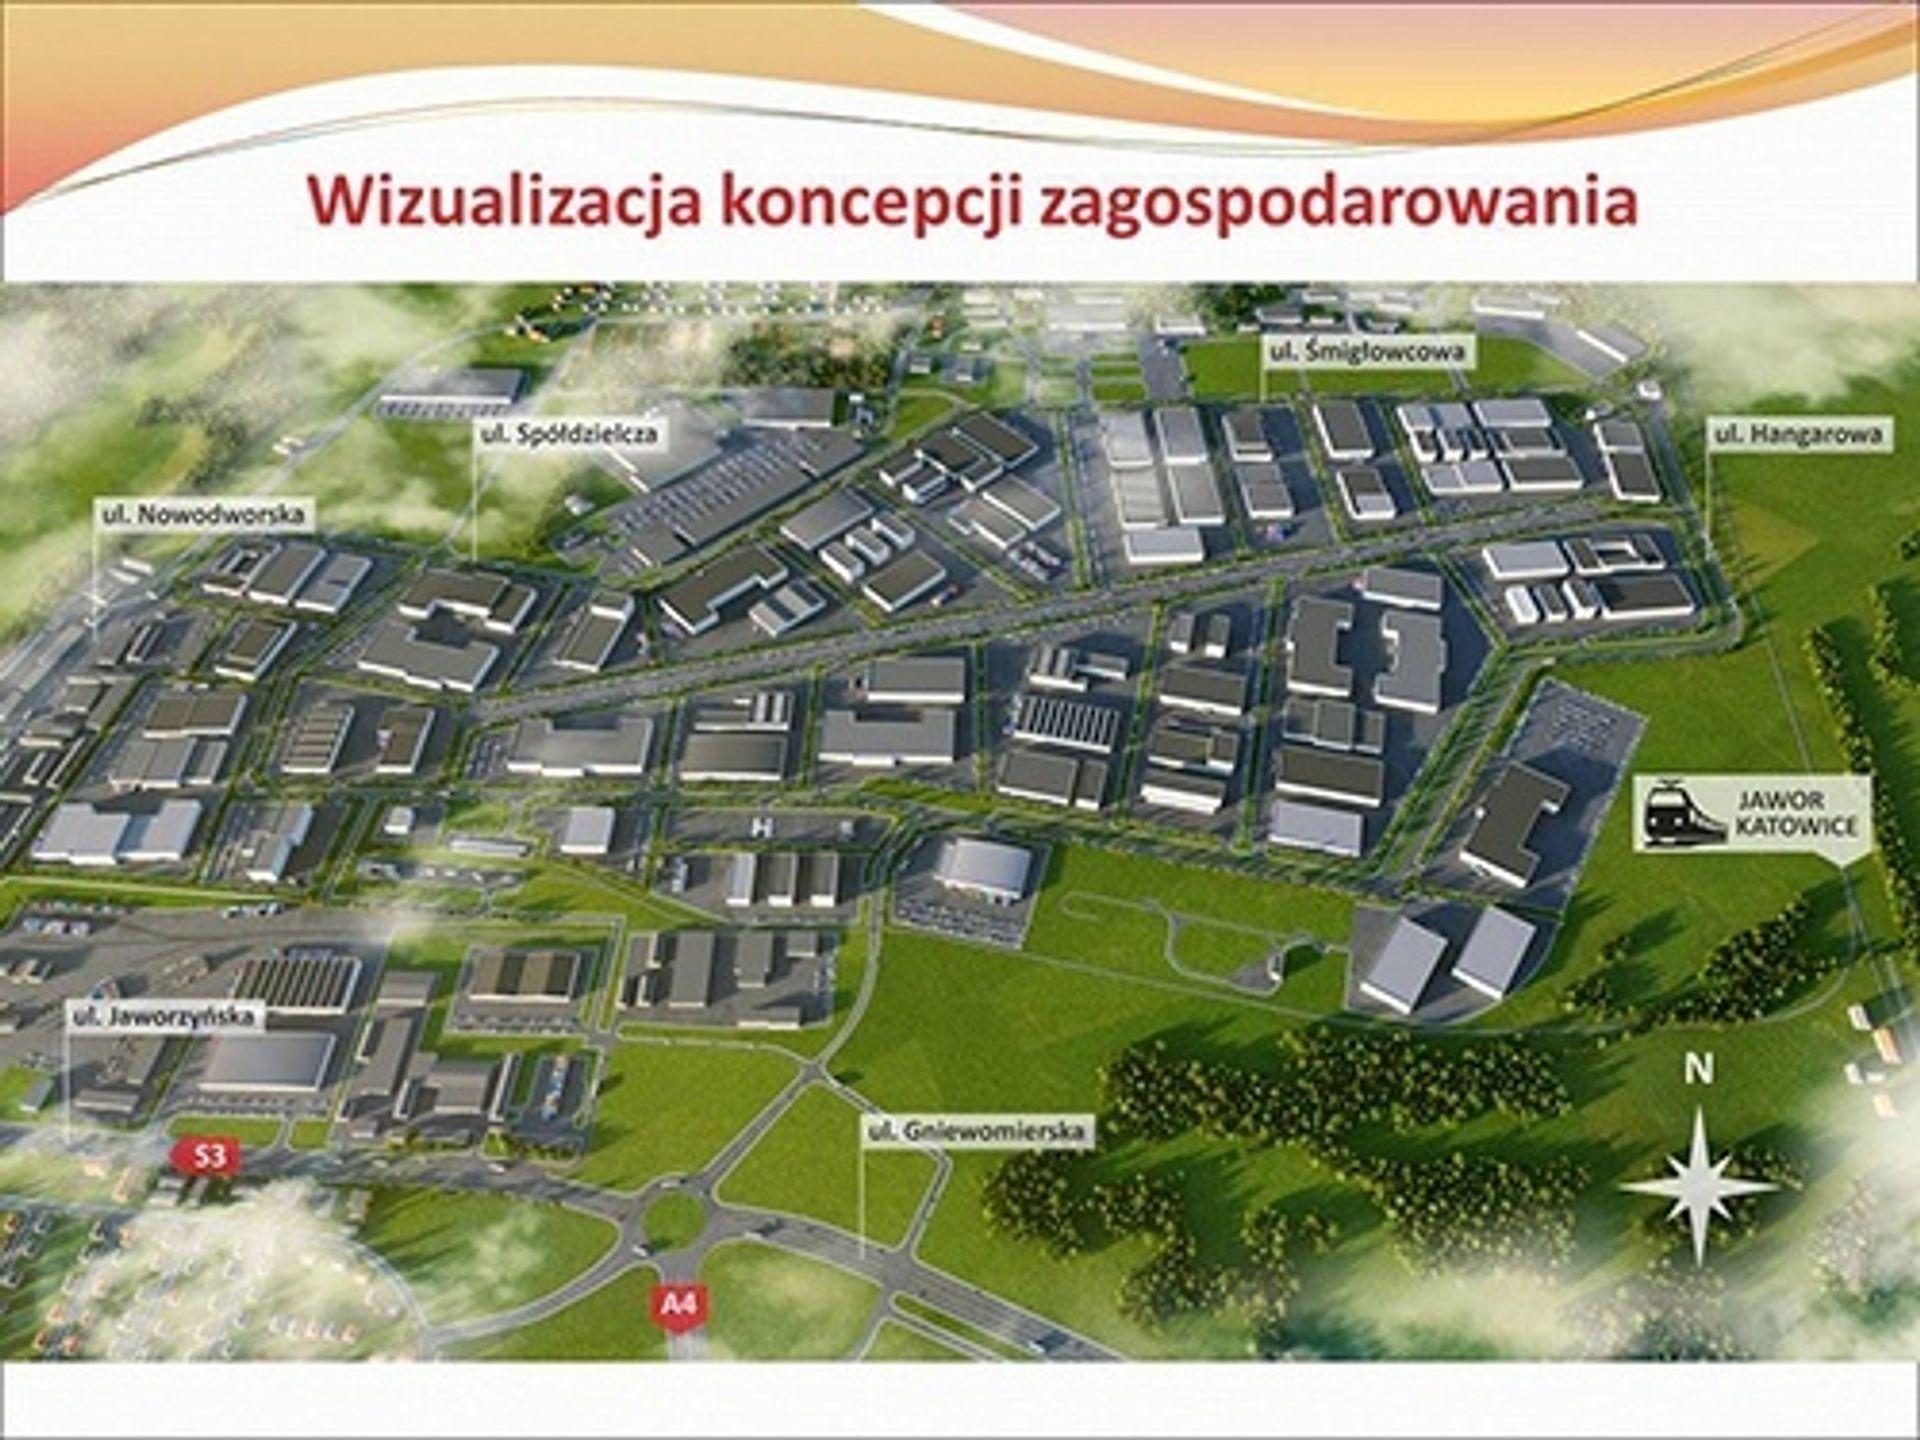 [Dolny Śląsk] Zamiast lotniska w Legnicy powstanie wielka strefa inwestycyjna